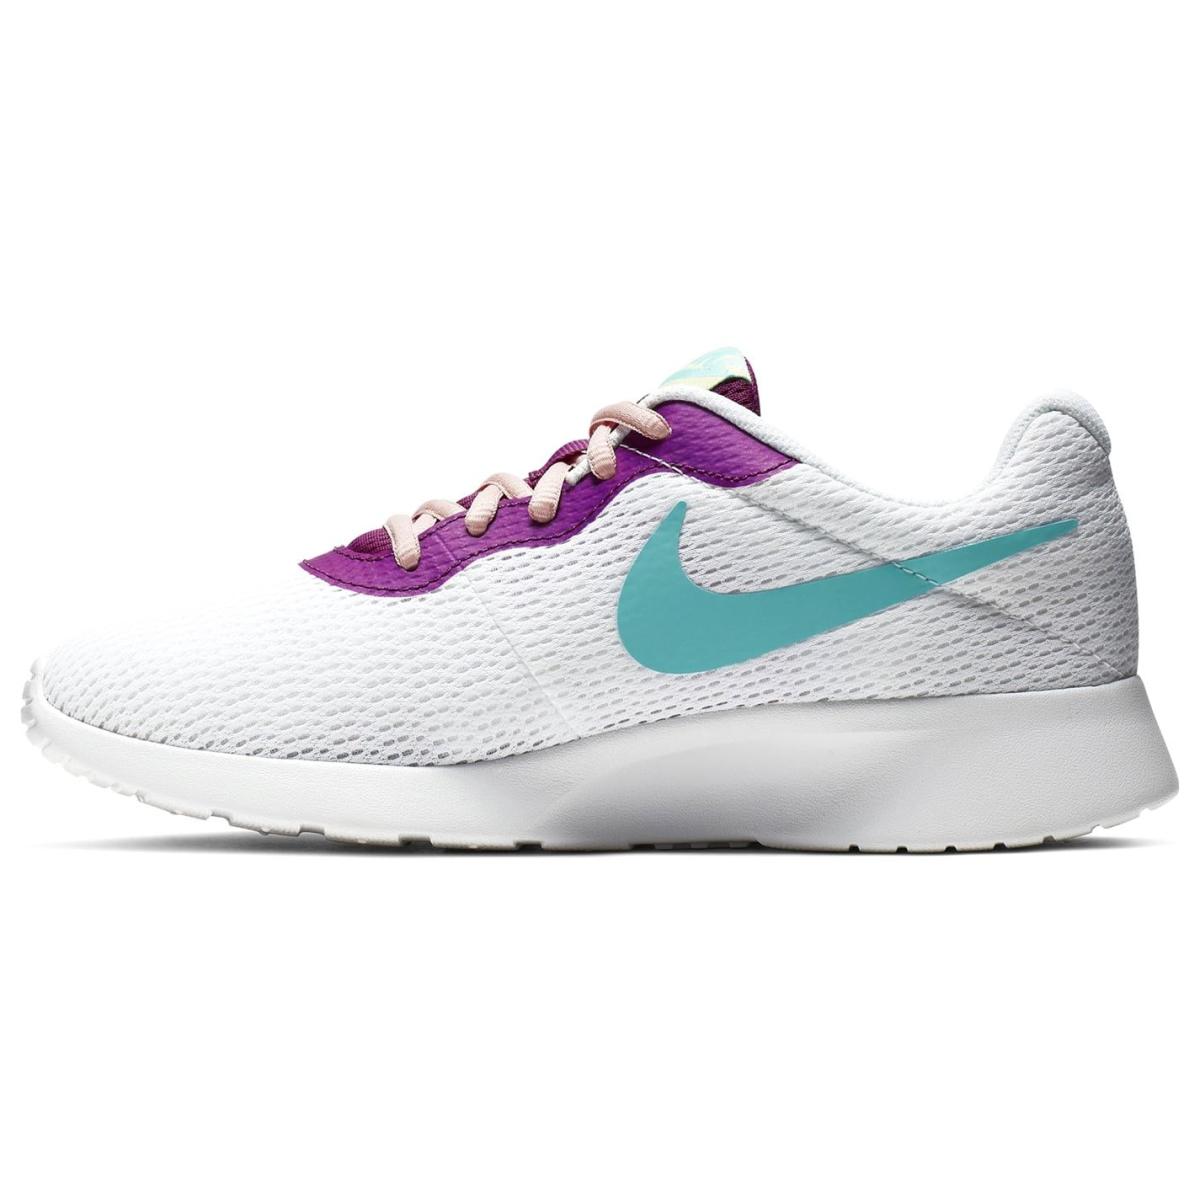 Nike Tanjun Turnschuhe Damen Sneaker Sportschuhe Laufschuhe 4001